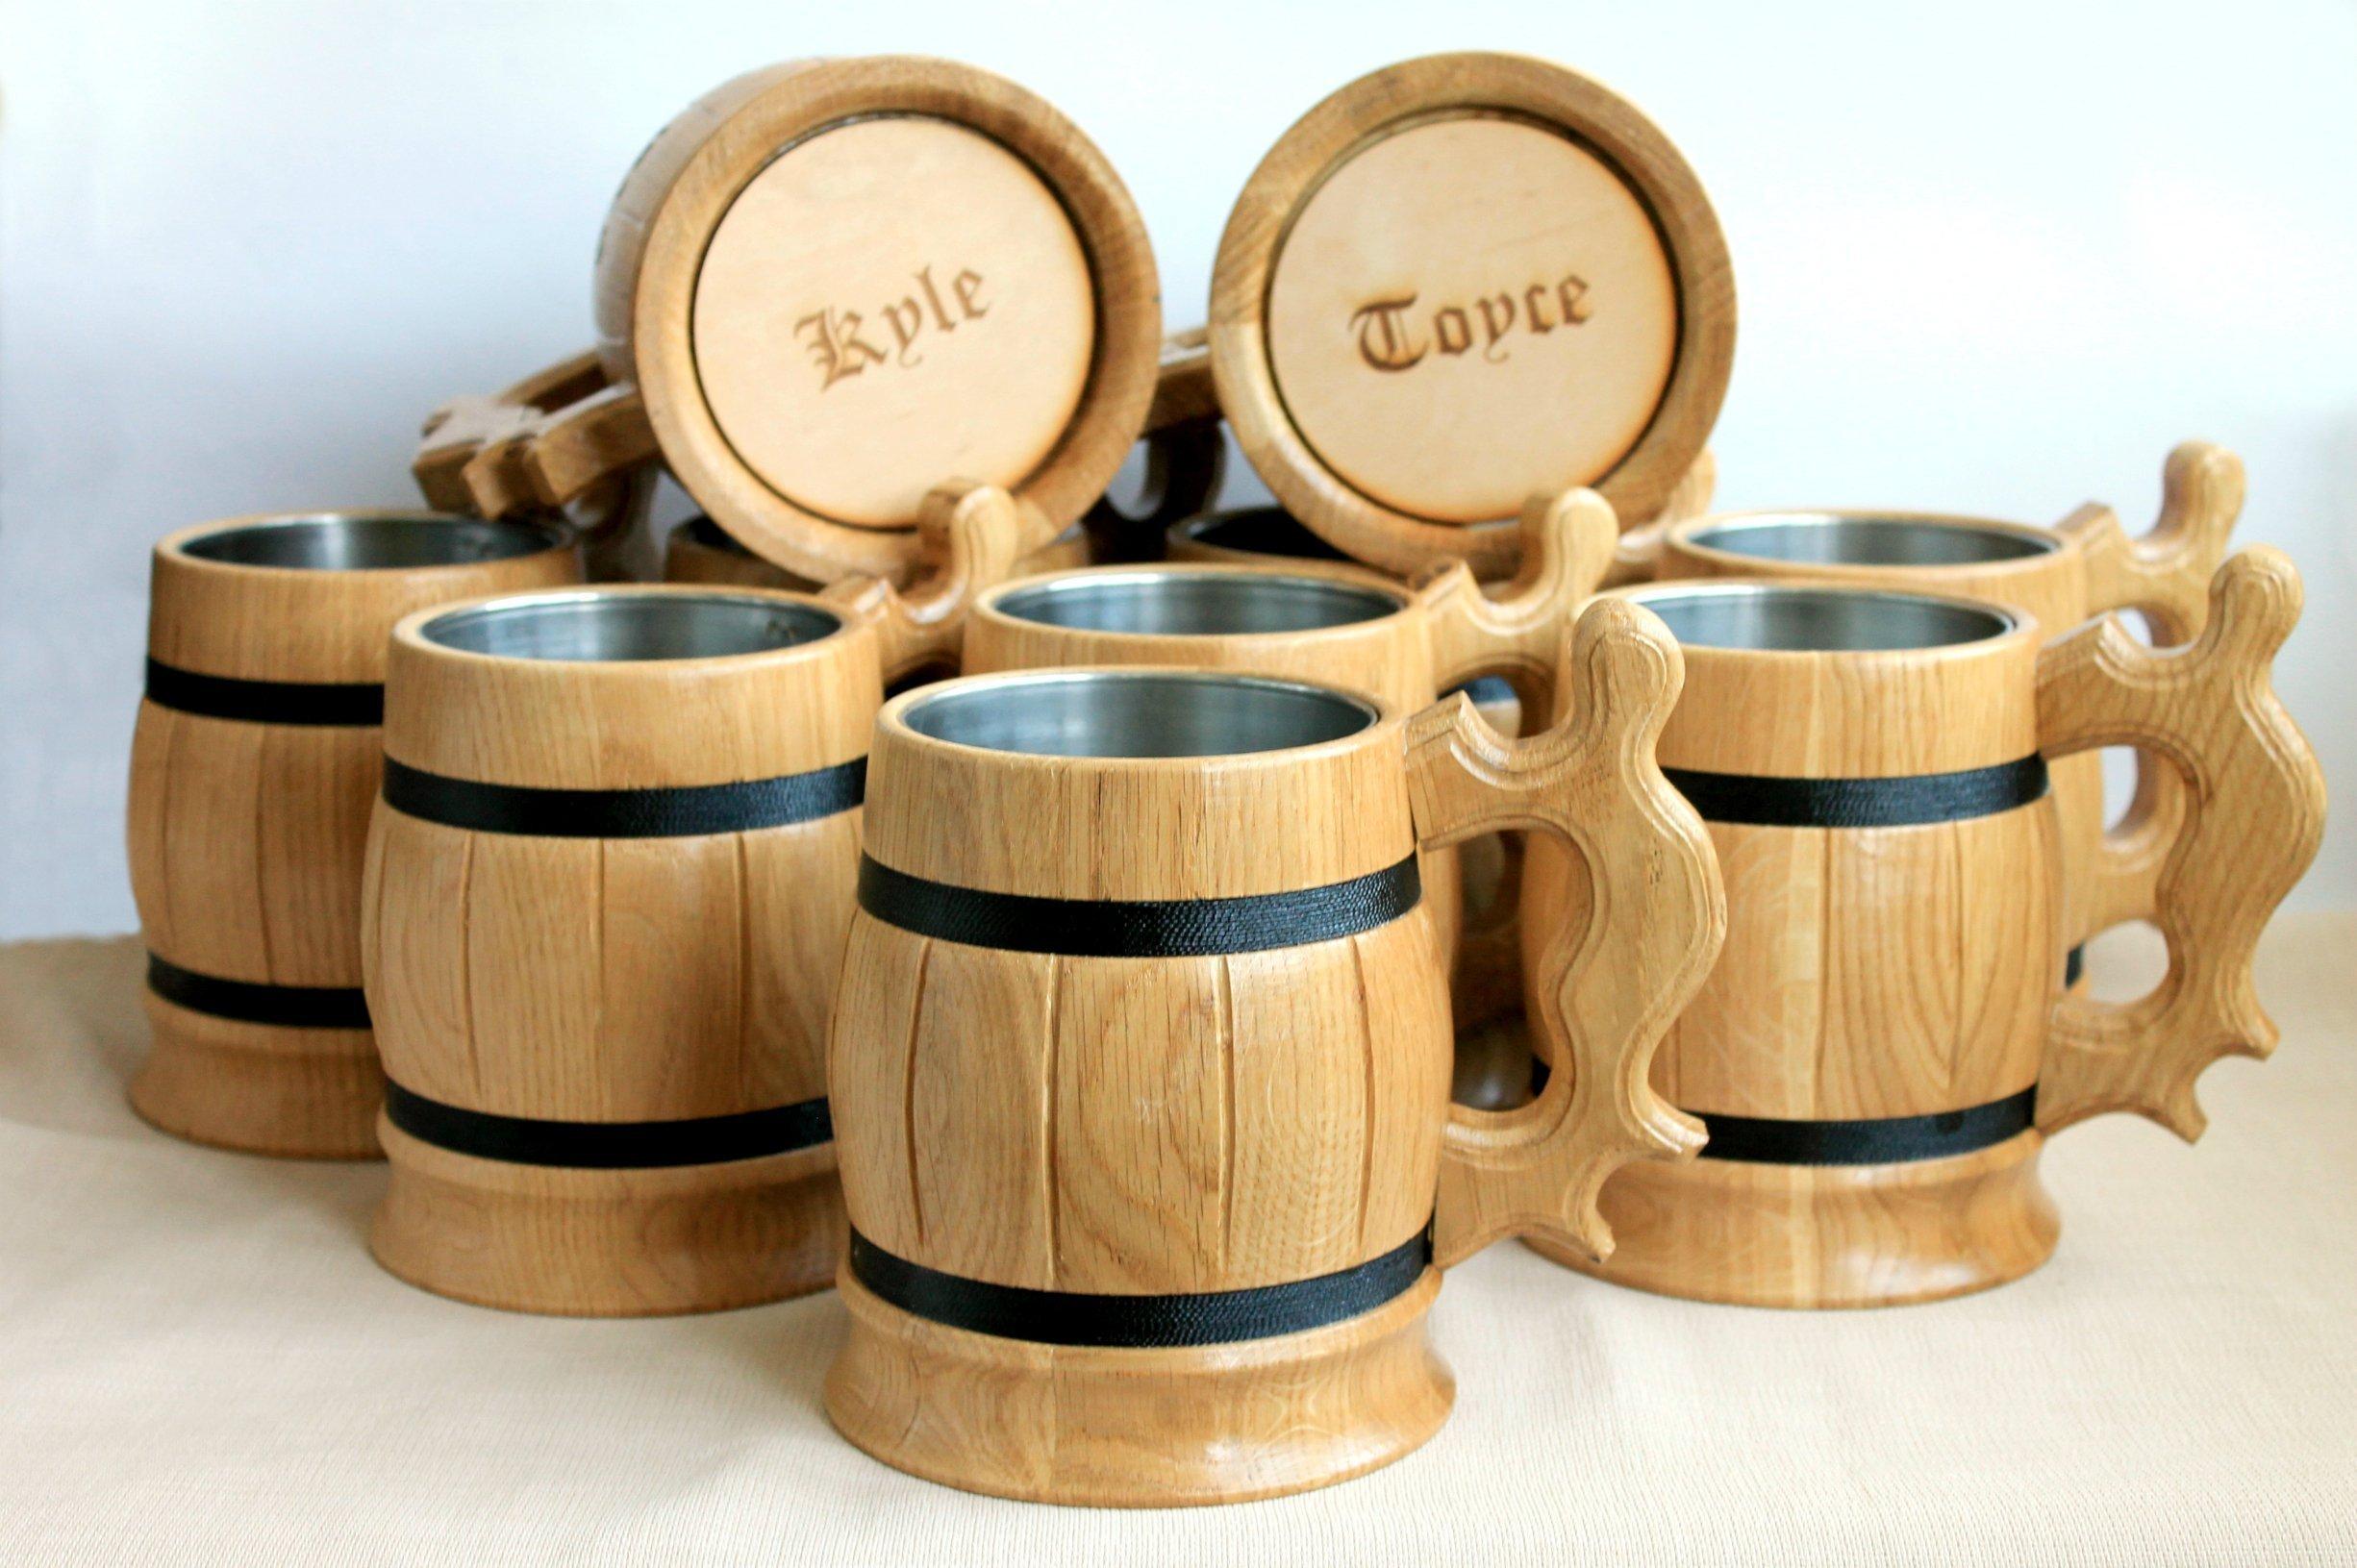 Set of 10 Personalized Wooden Beer Mugs Exclusive Personalized wooden beer mug wooden ber mug Personalized mug wedding gift Groomsman mug